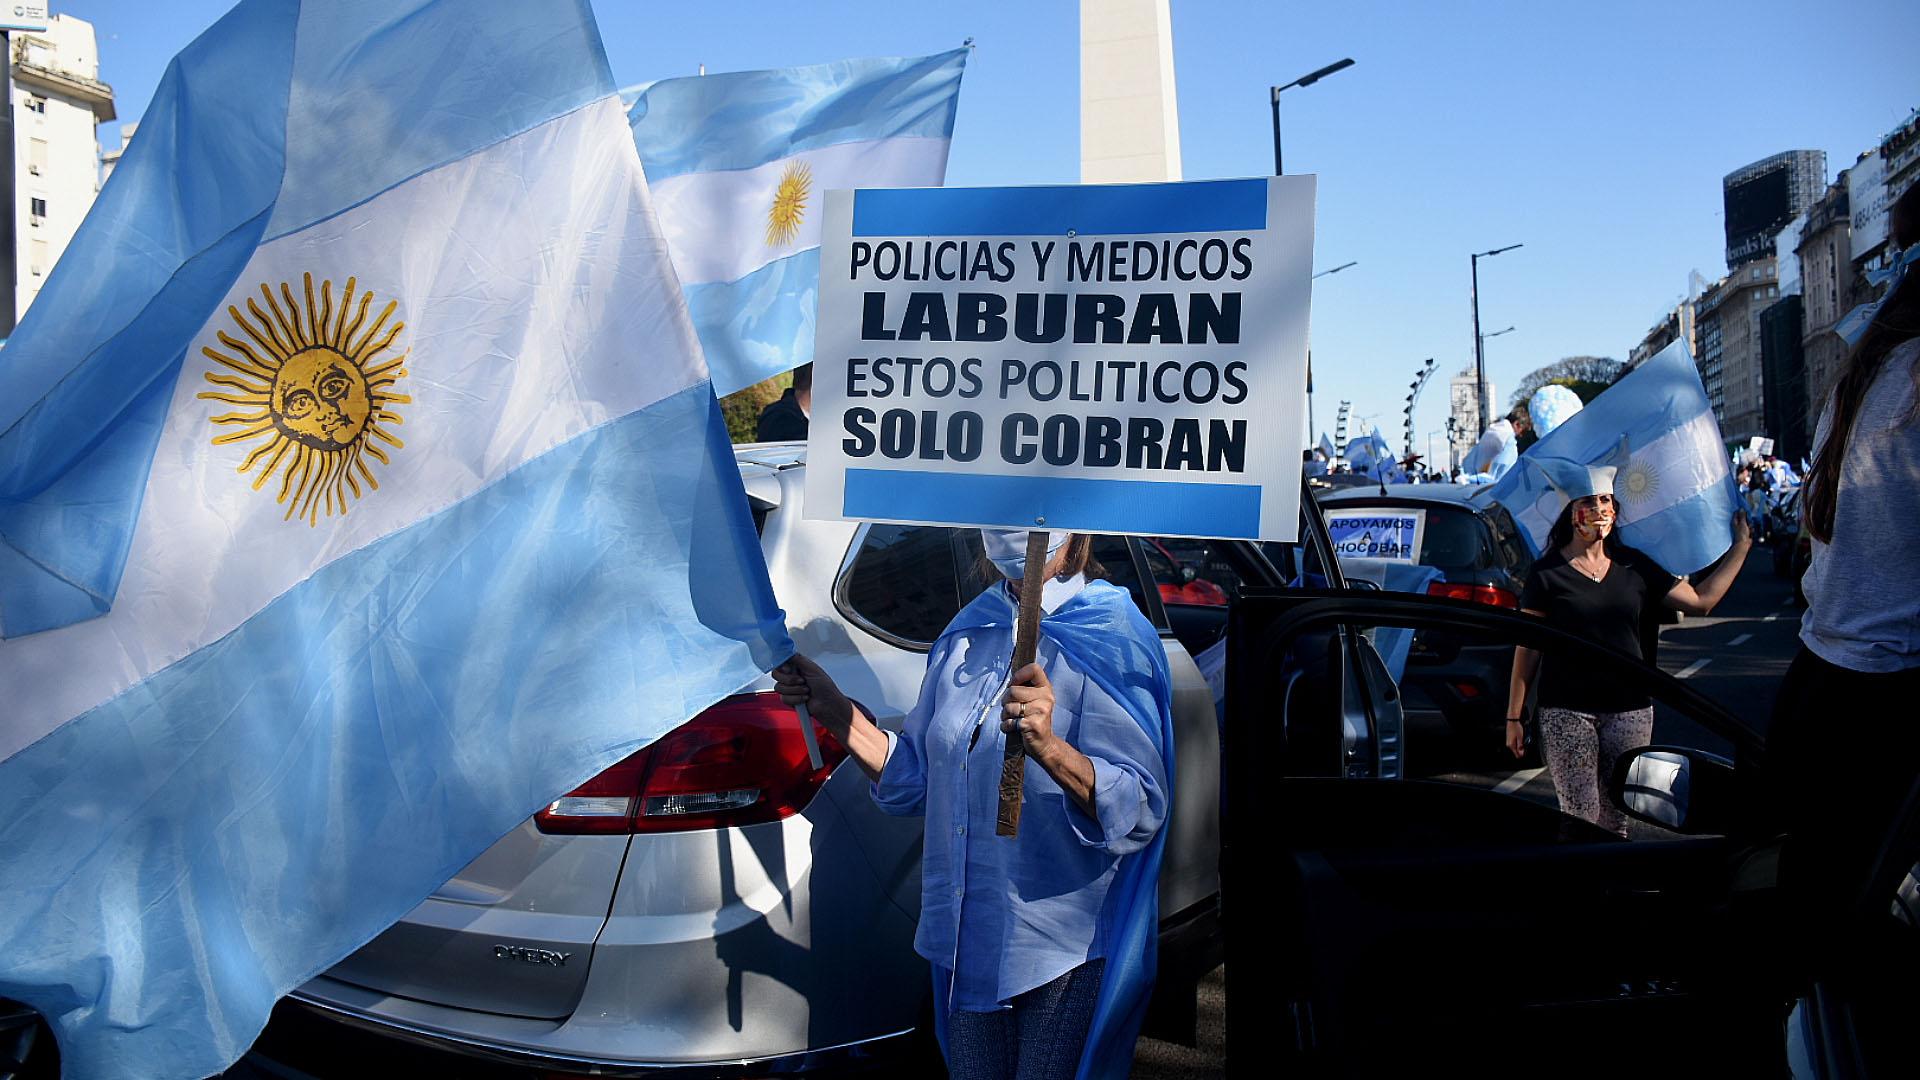 Las otras manifestaciones fueron el 20 de junio, el 9 de julio, el 1°, 17 y el 26 de agosto y el 13 y el 19 de septiembre